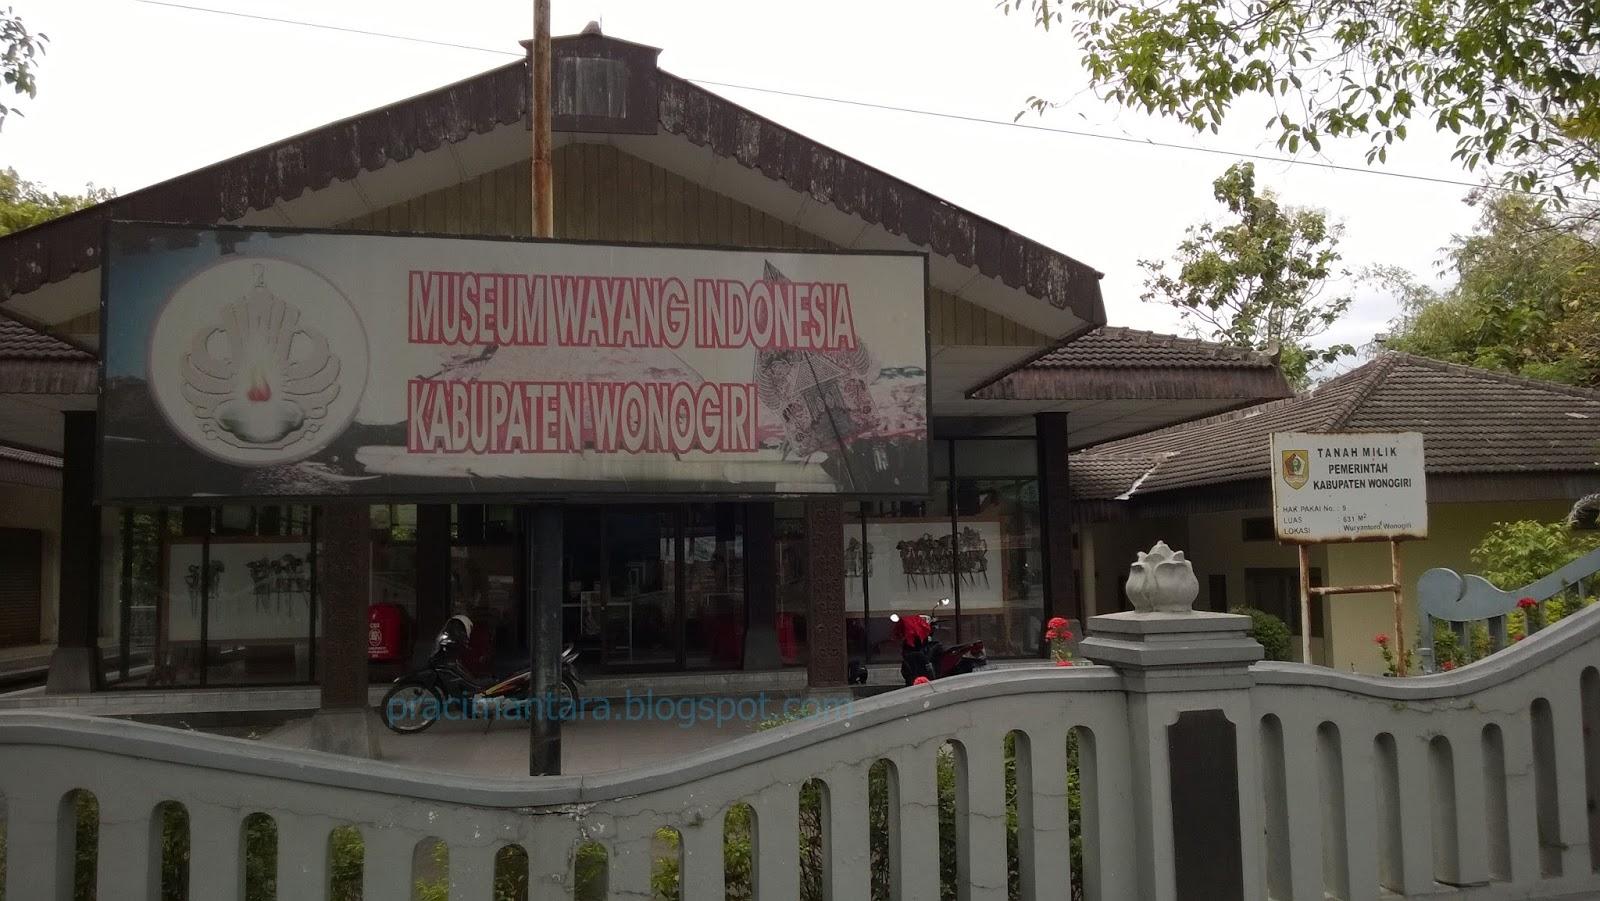 Museum Wayang Wonogiri Kecil Alm Presiden Soeharto Indonesia Terletak Kecamatan